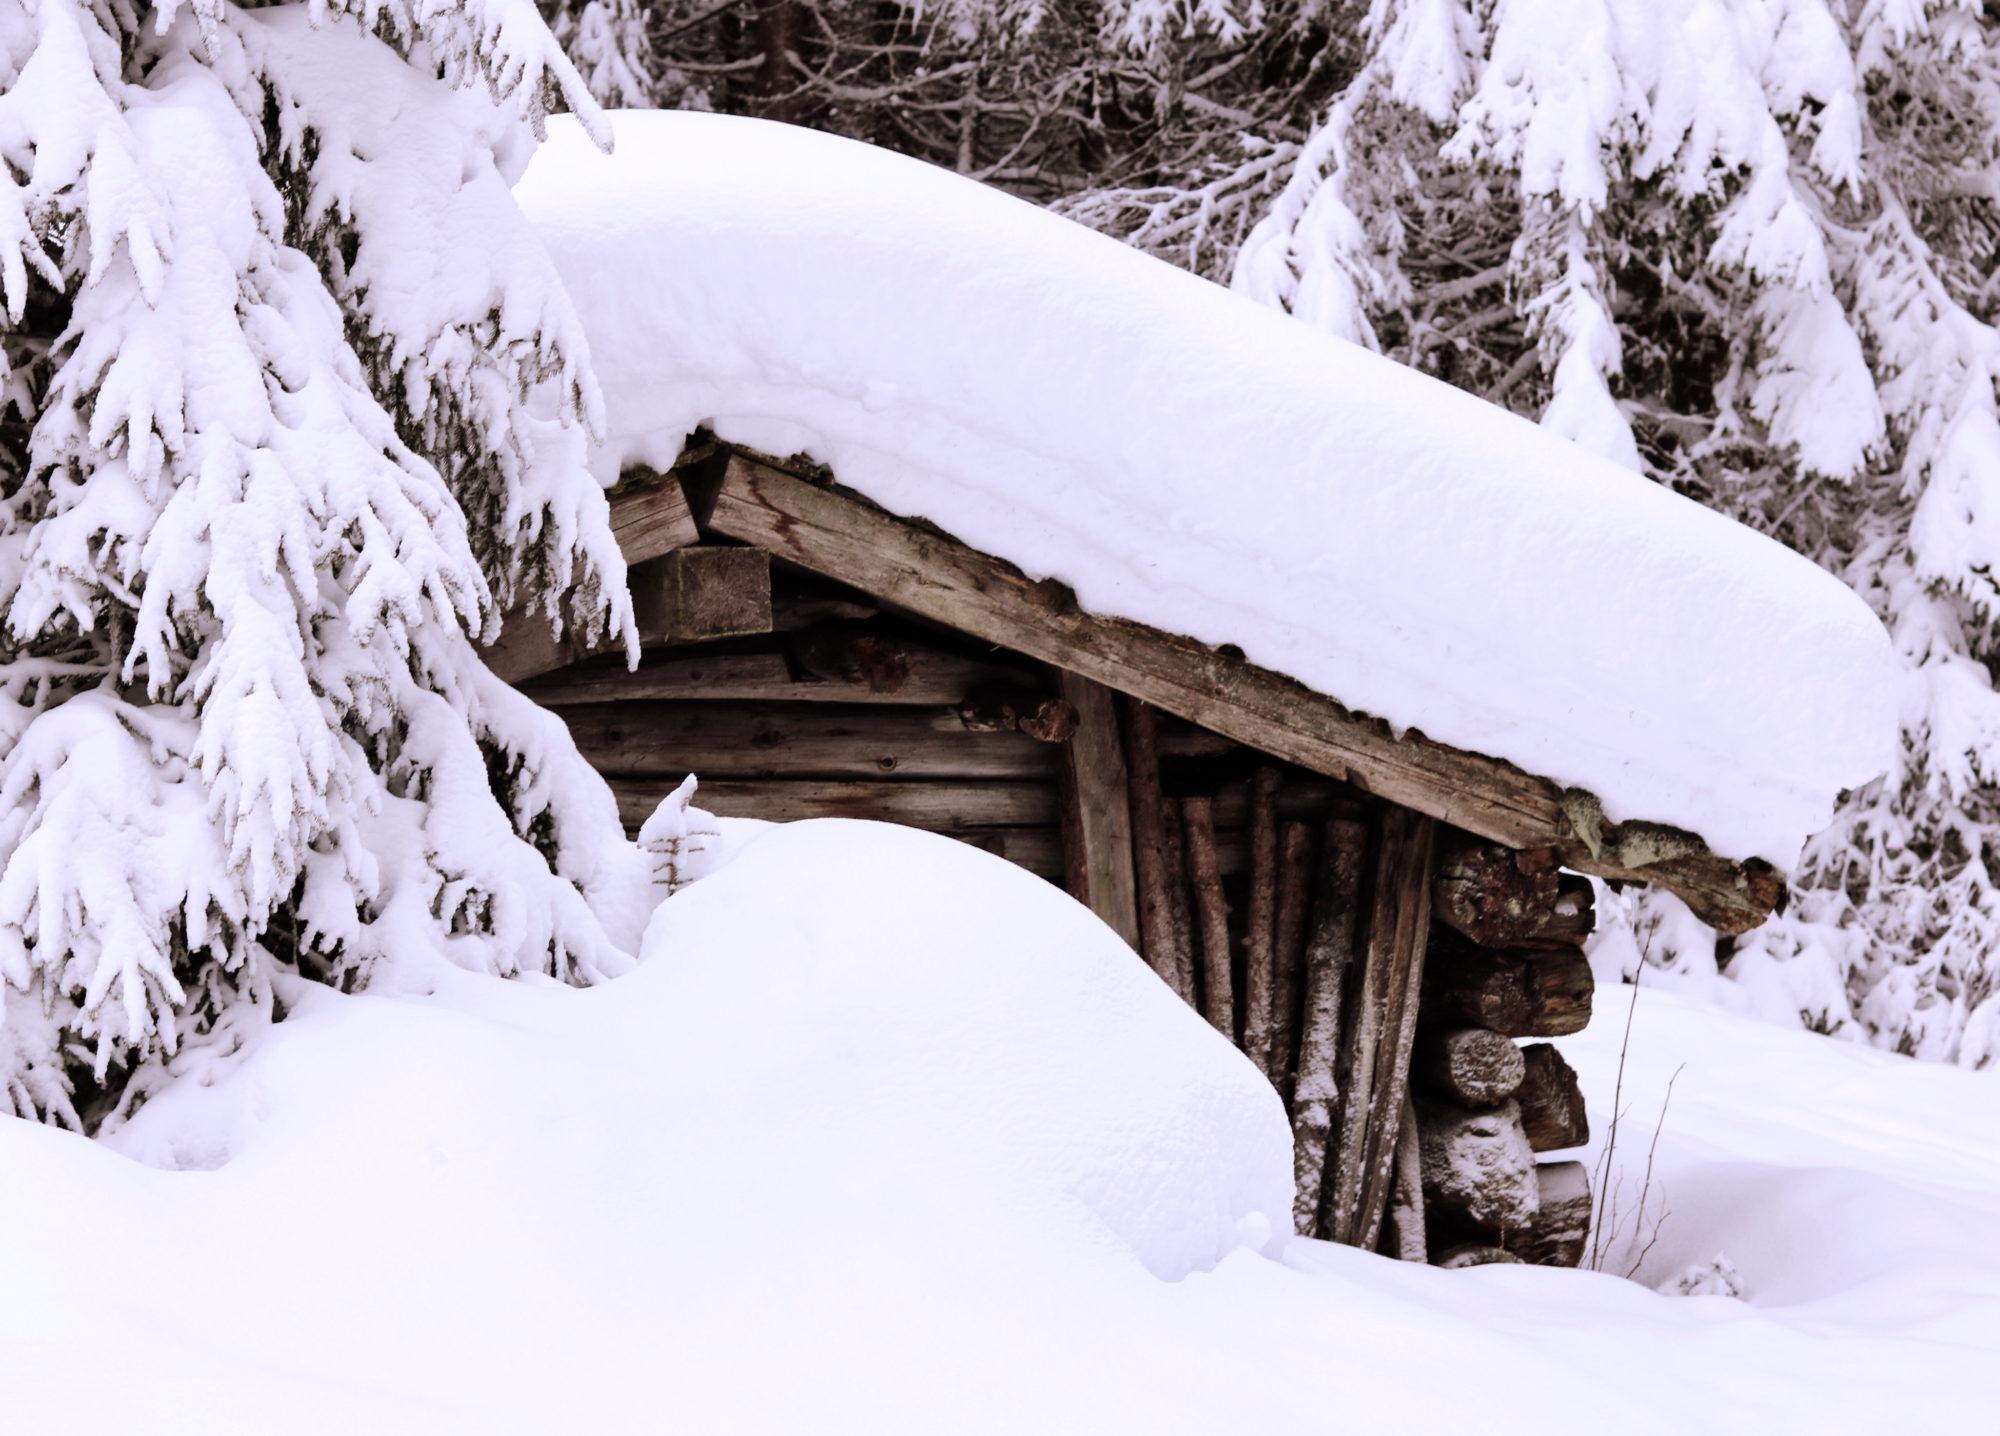 Schneeschuhtour Brennerberge Verschneite Hütten am Wegesrand